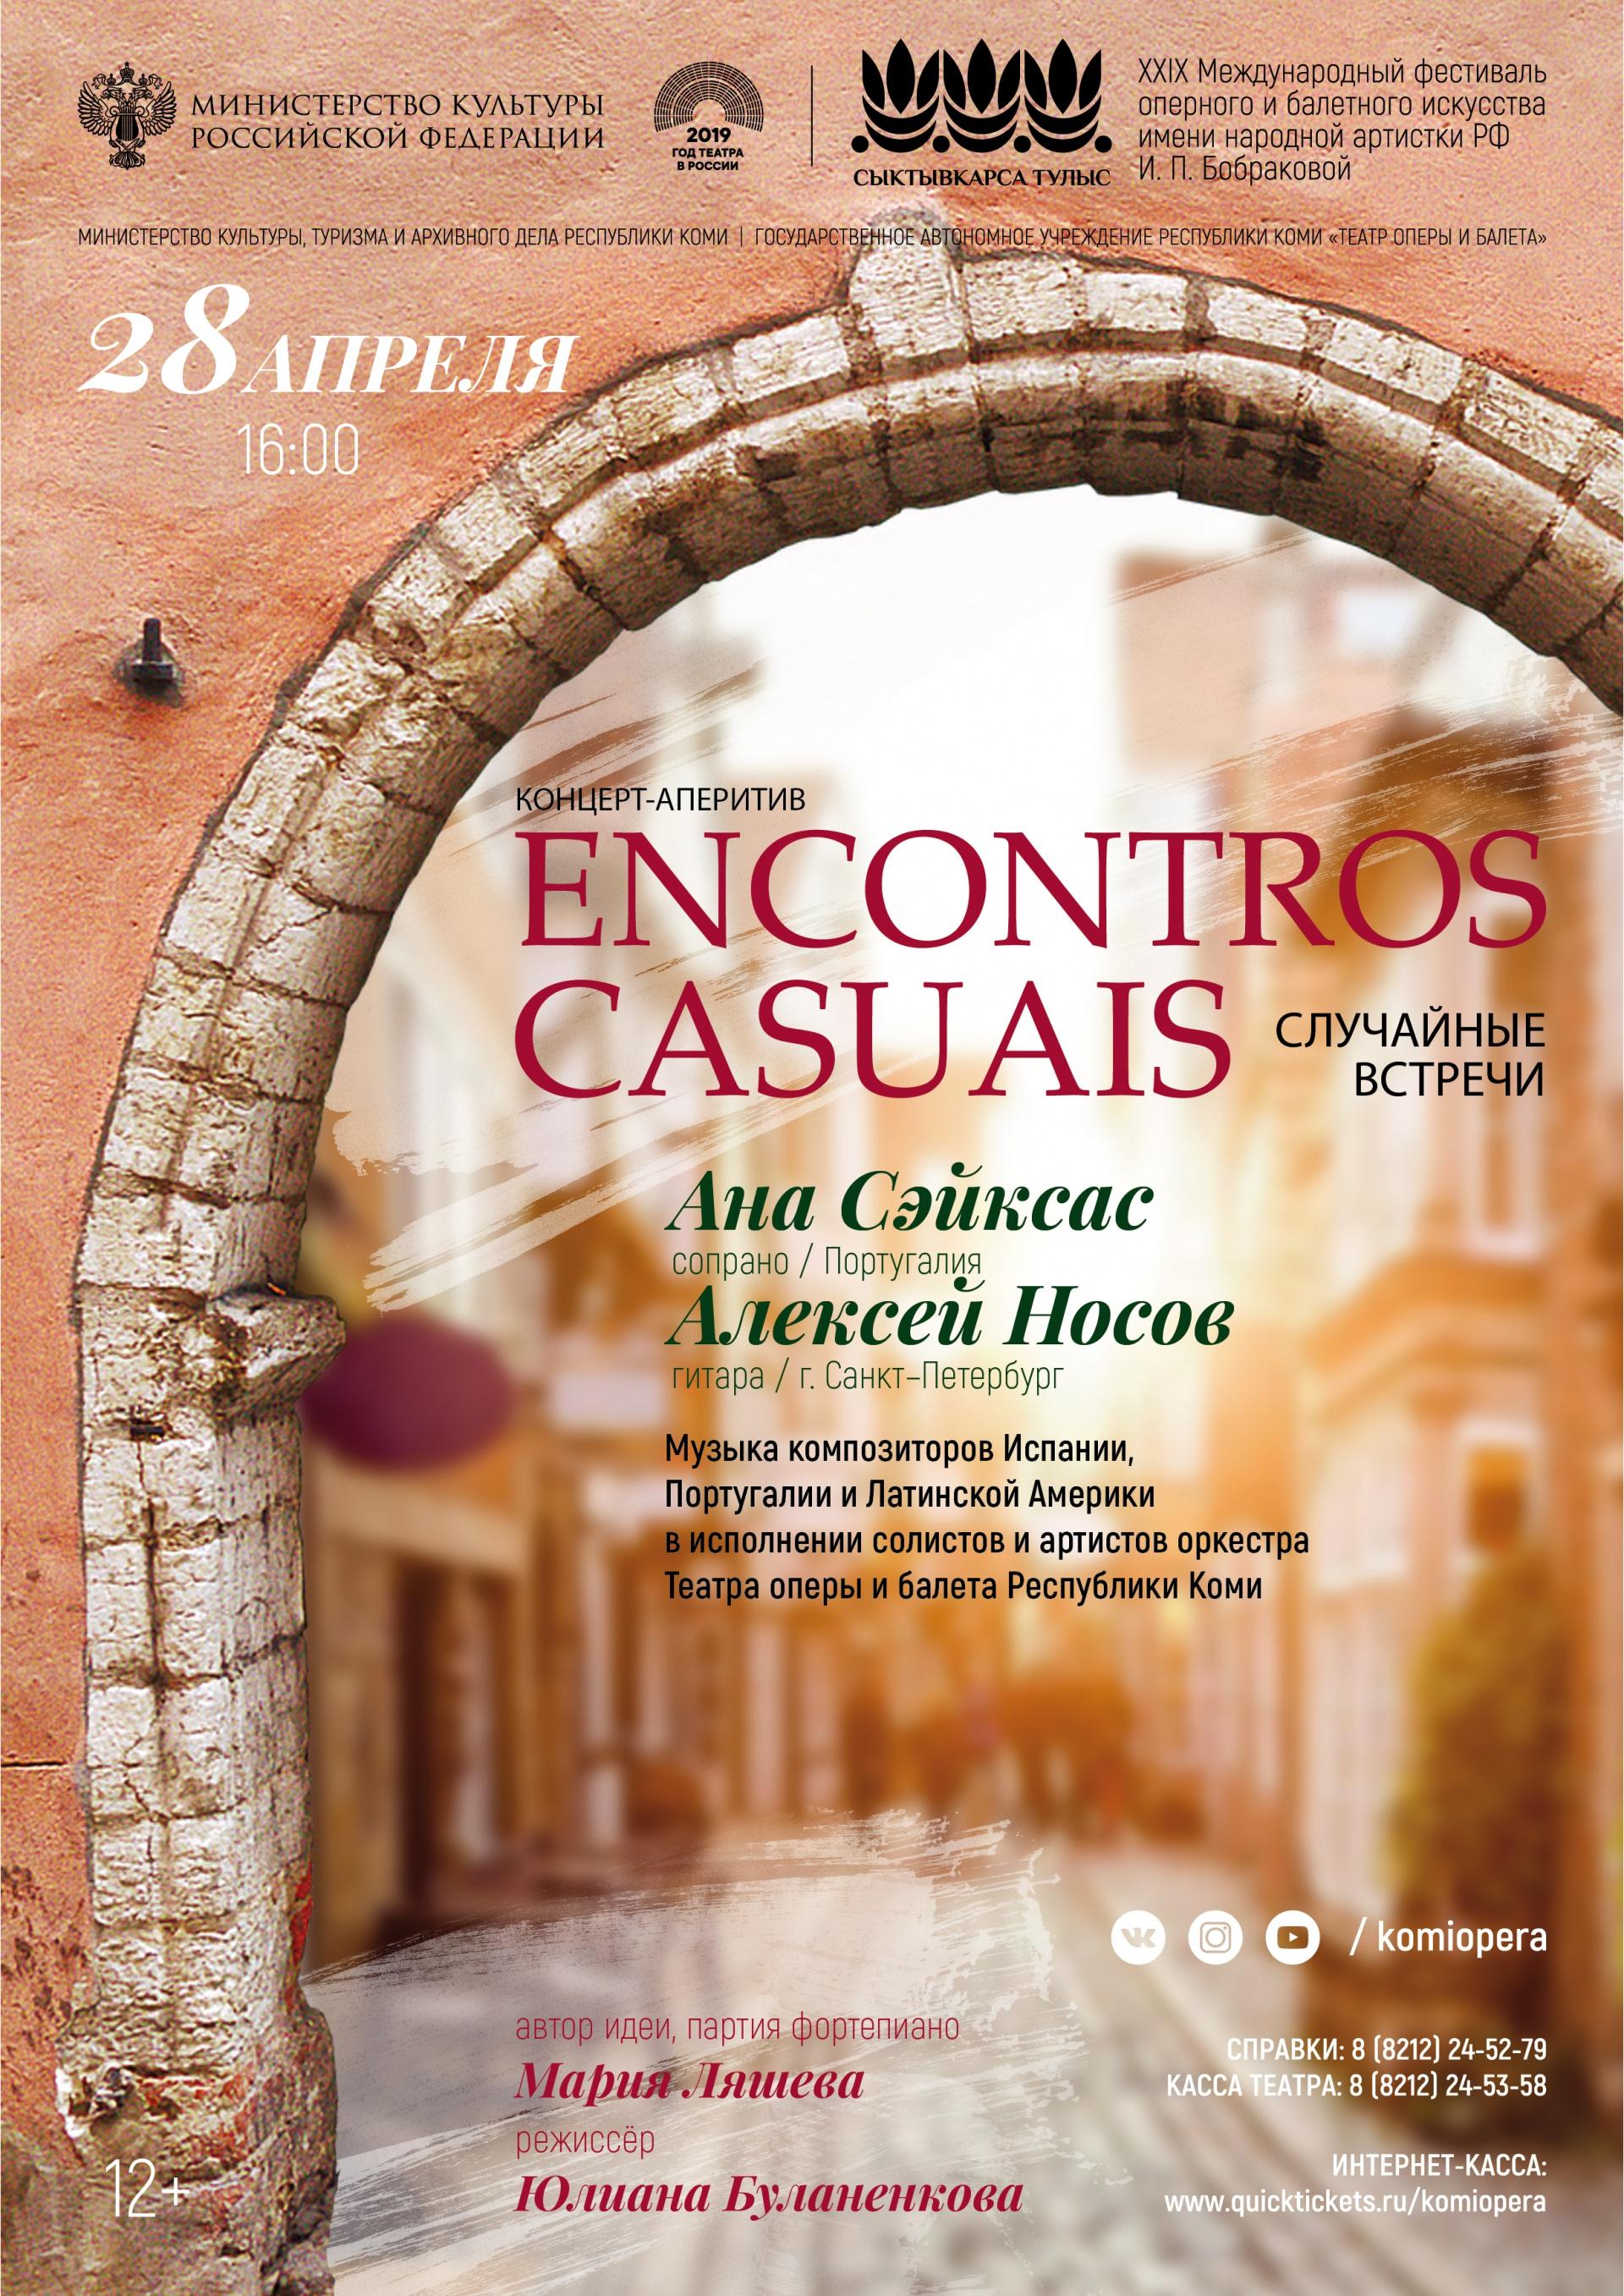 ENCONTROS_CASUAIS-02.jpg